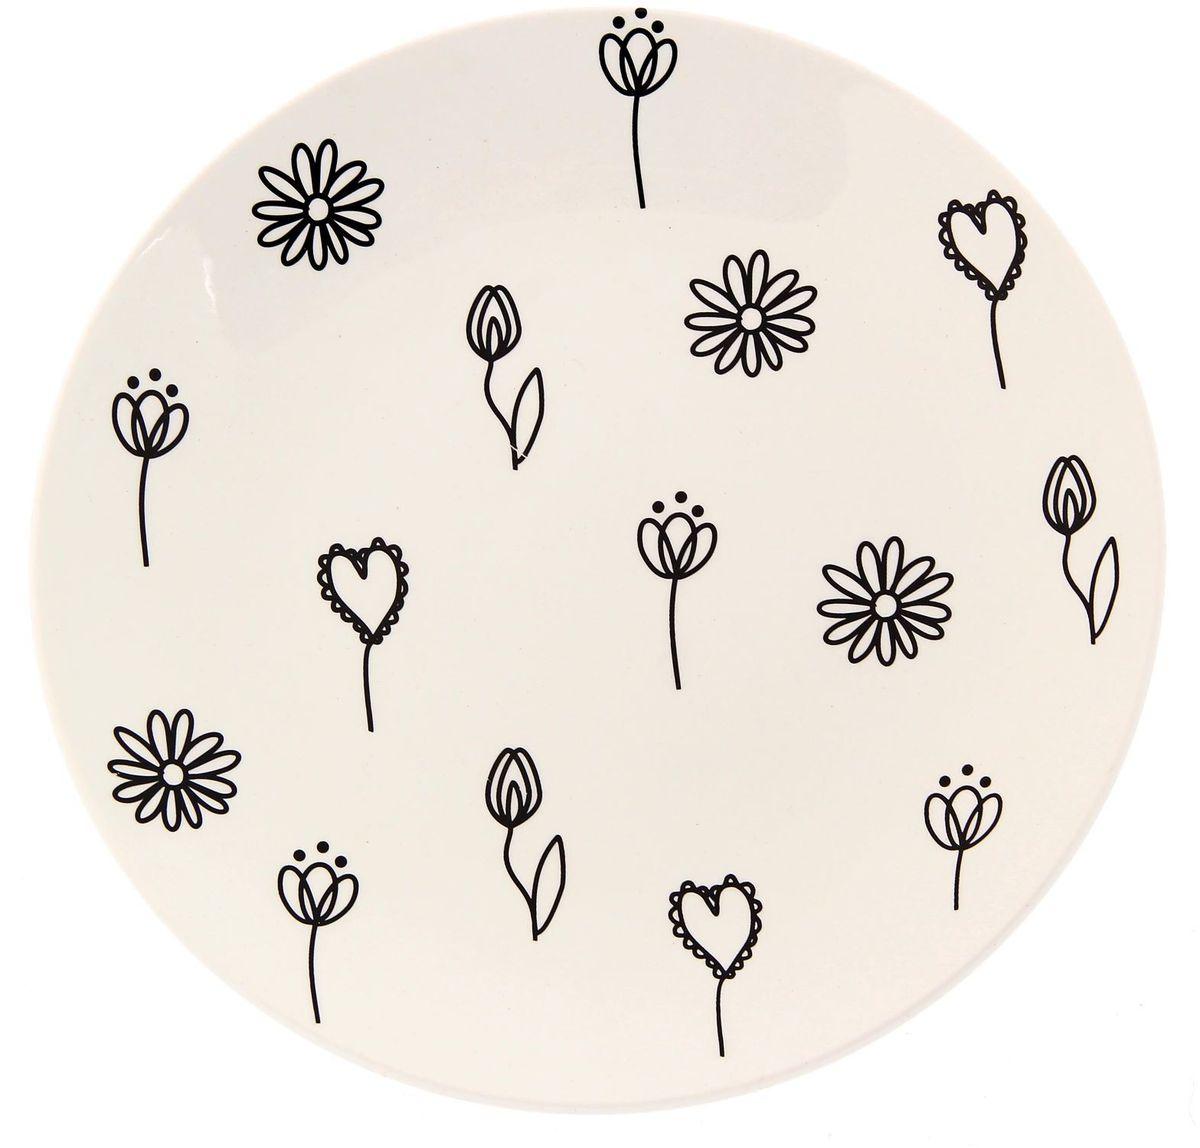 Тарелка Сотвори чудо Черный цветок, диаметр 22 см54 009312Хотите обновить интерьер кухни или гостиной? Устраиваете необычную фотосессию или тематический праздник? А может, просто ищете подарок для близкого человека? Посуда Сотвори Чудо — правильный выбор в любой ситуации. Тарелка Сотвори Чудо, изготовленная из изящного фаянса нежного сливочного цвета, оформлена оригинальным рисунком со стойкой краской. Пригодна для посудомоечной машины.